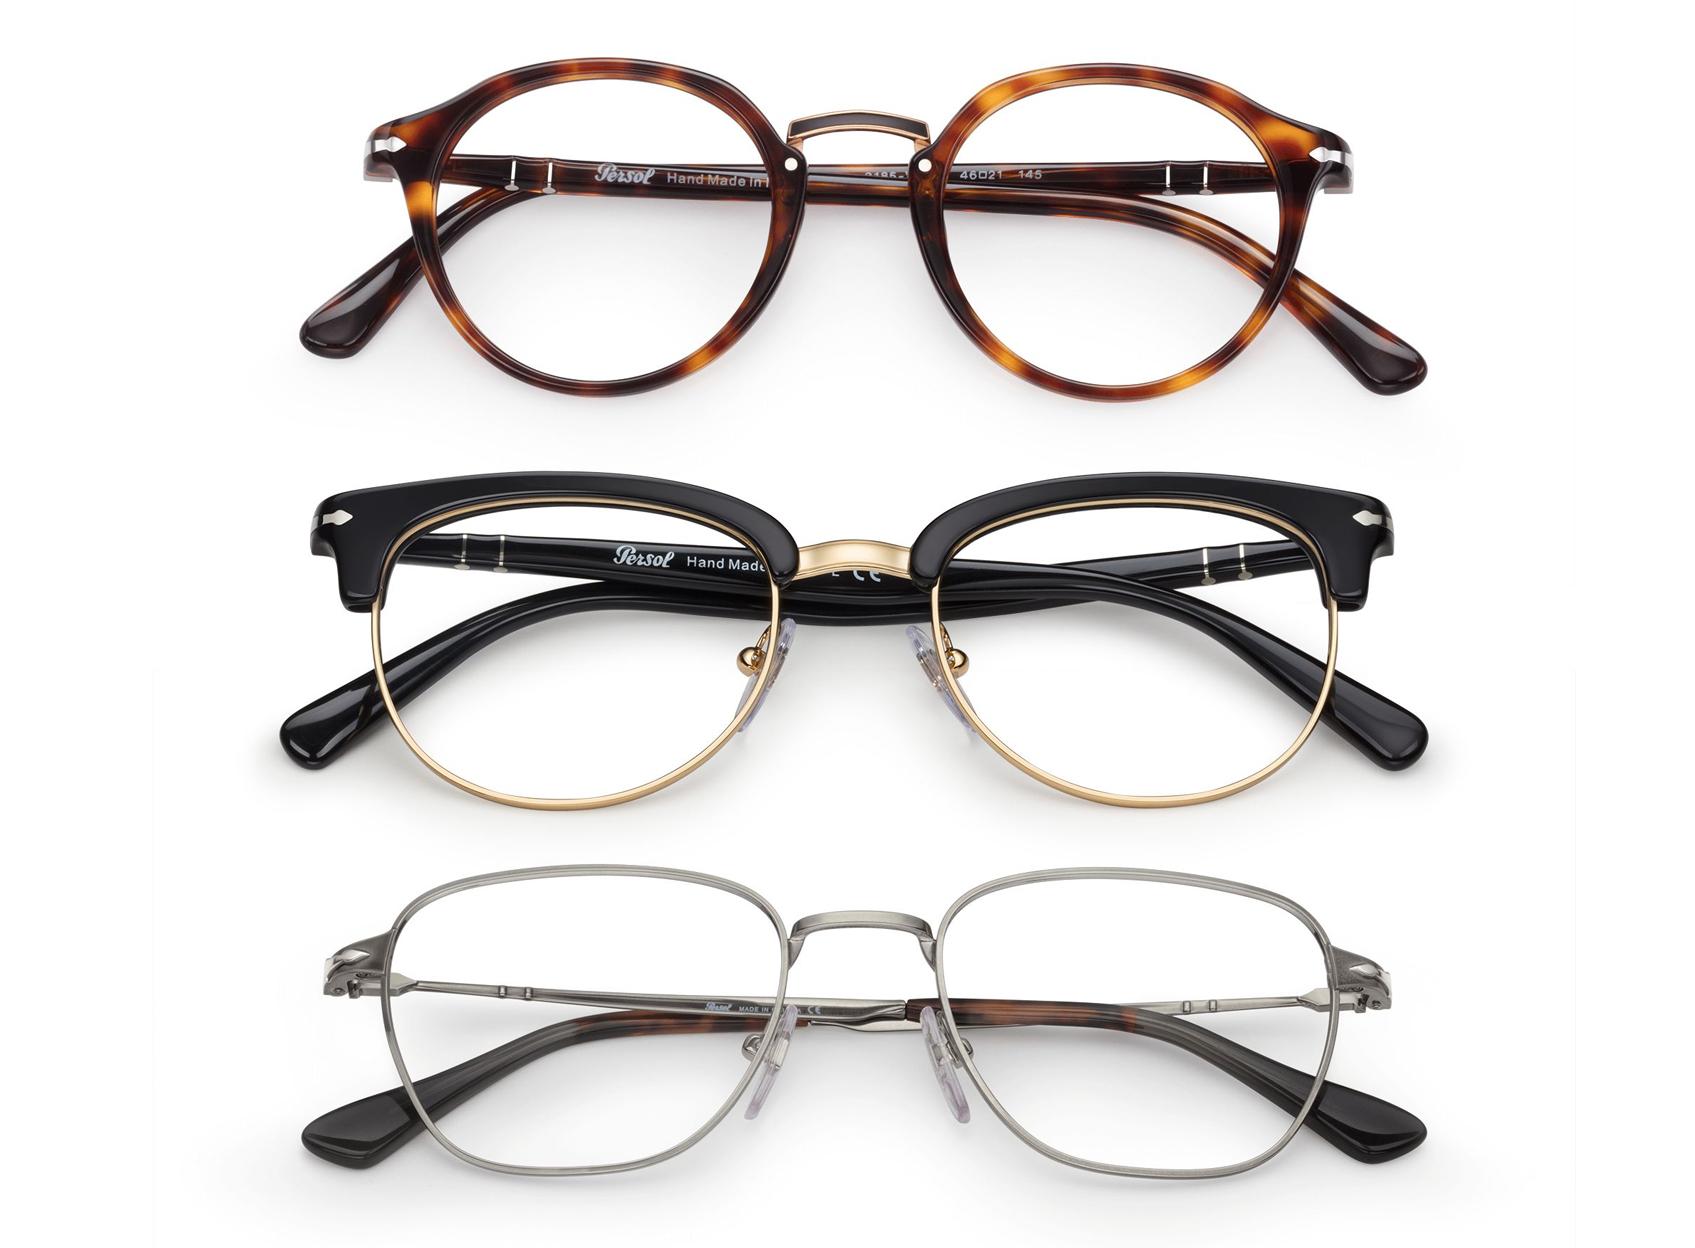 persol-occhiali-da-vista-ottica-look-vision